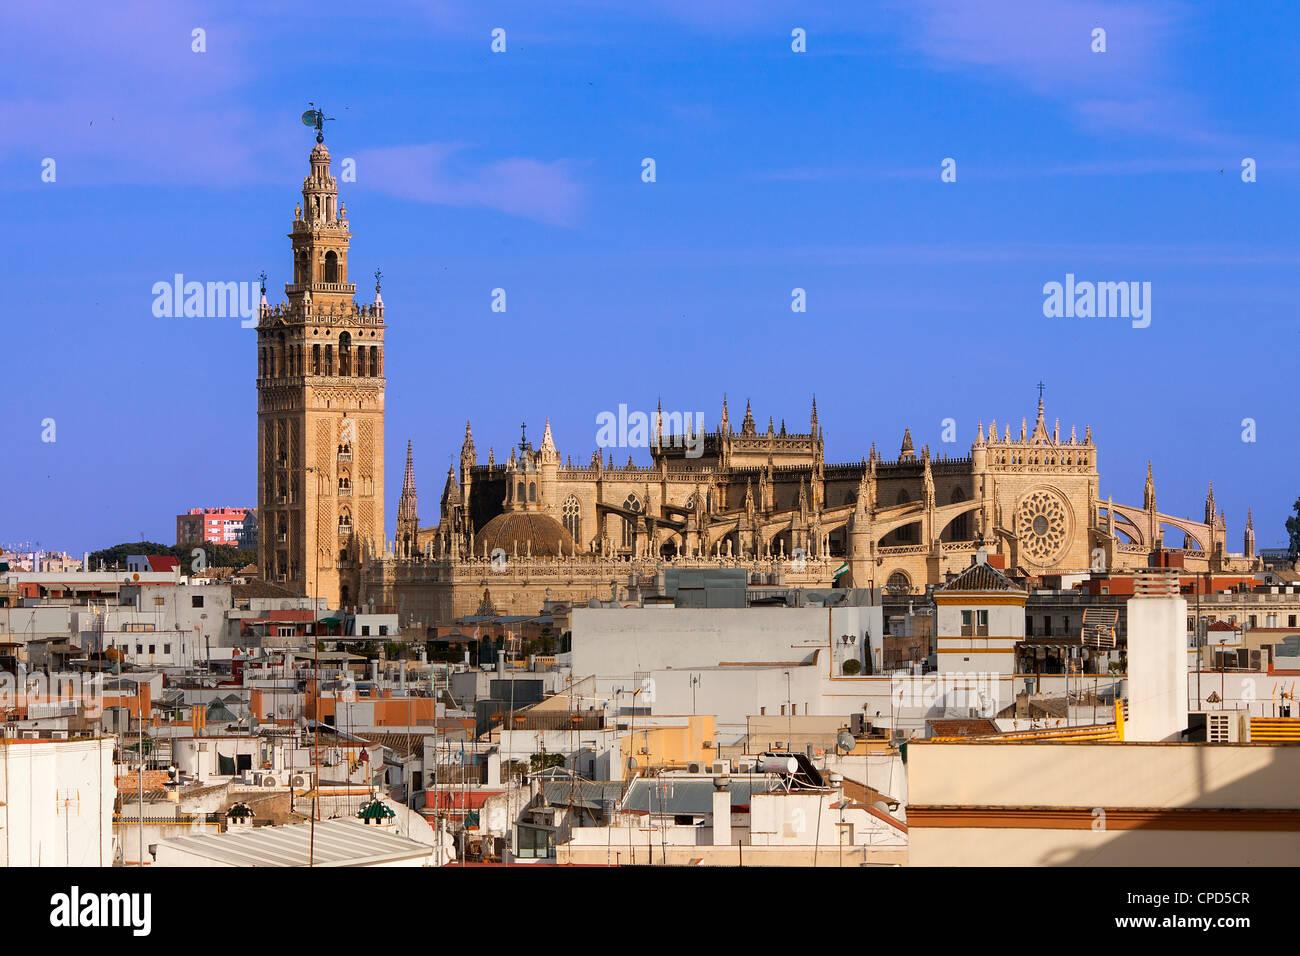 L'Europe, Espagne, Andalousie, Séville, La Giralda, La Cathédrale de Séville Banque D'Images